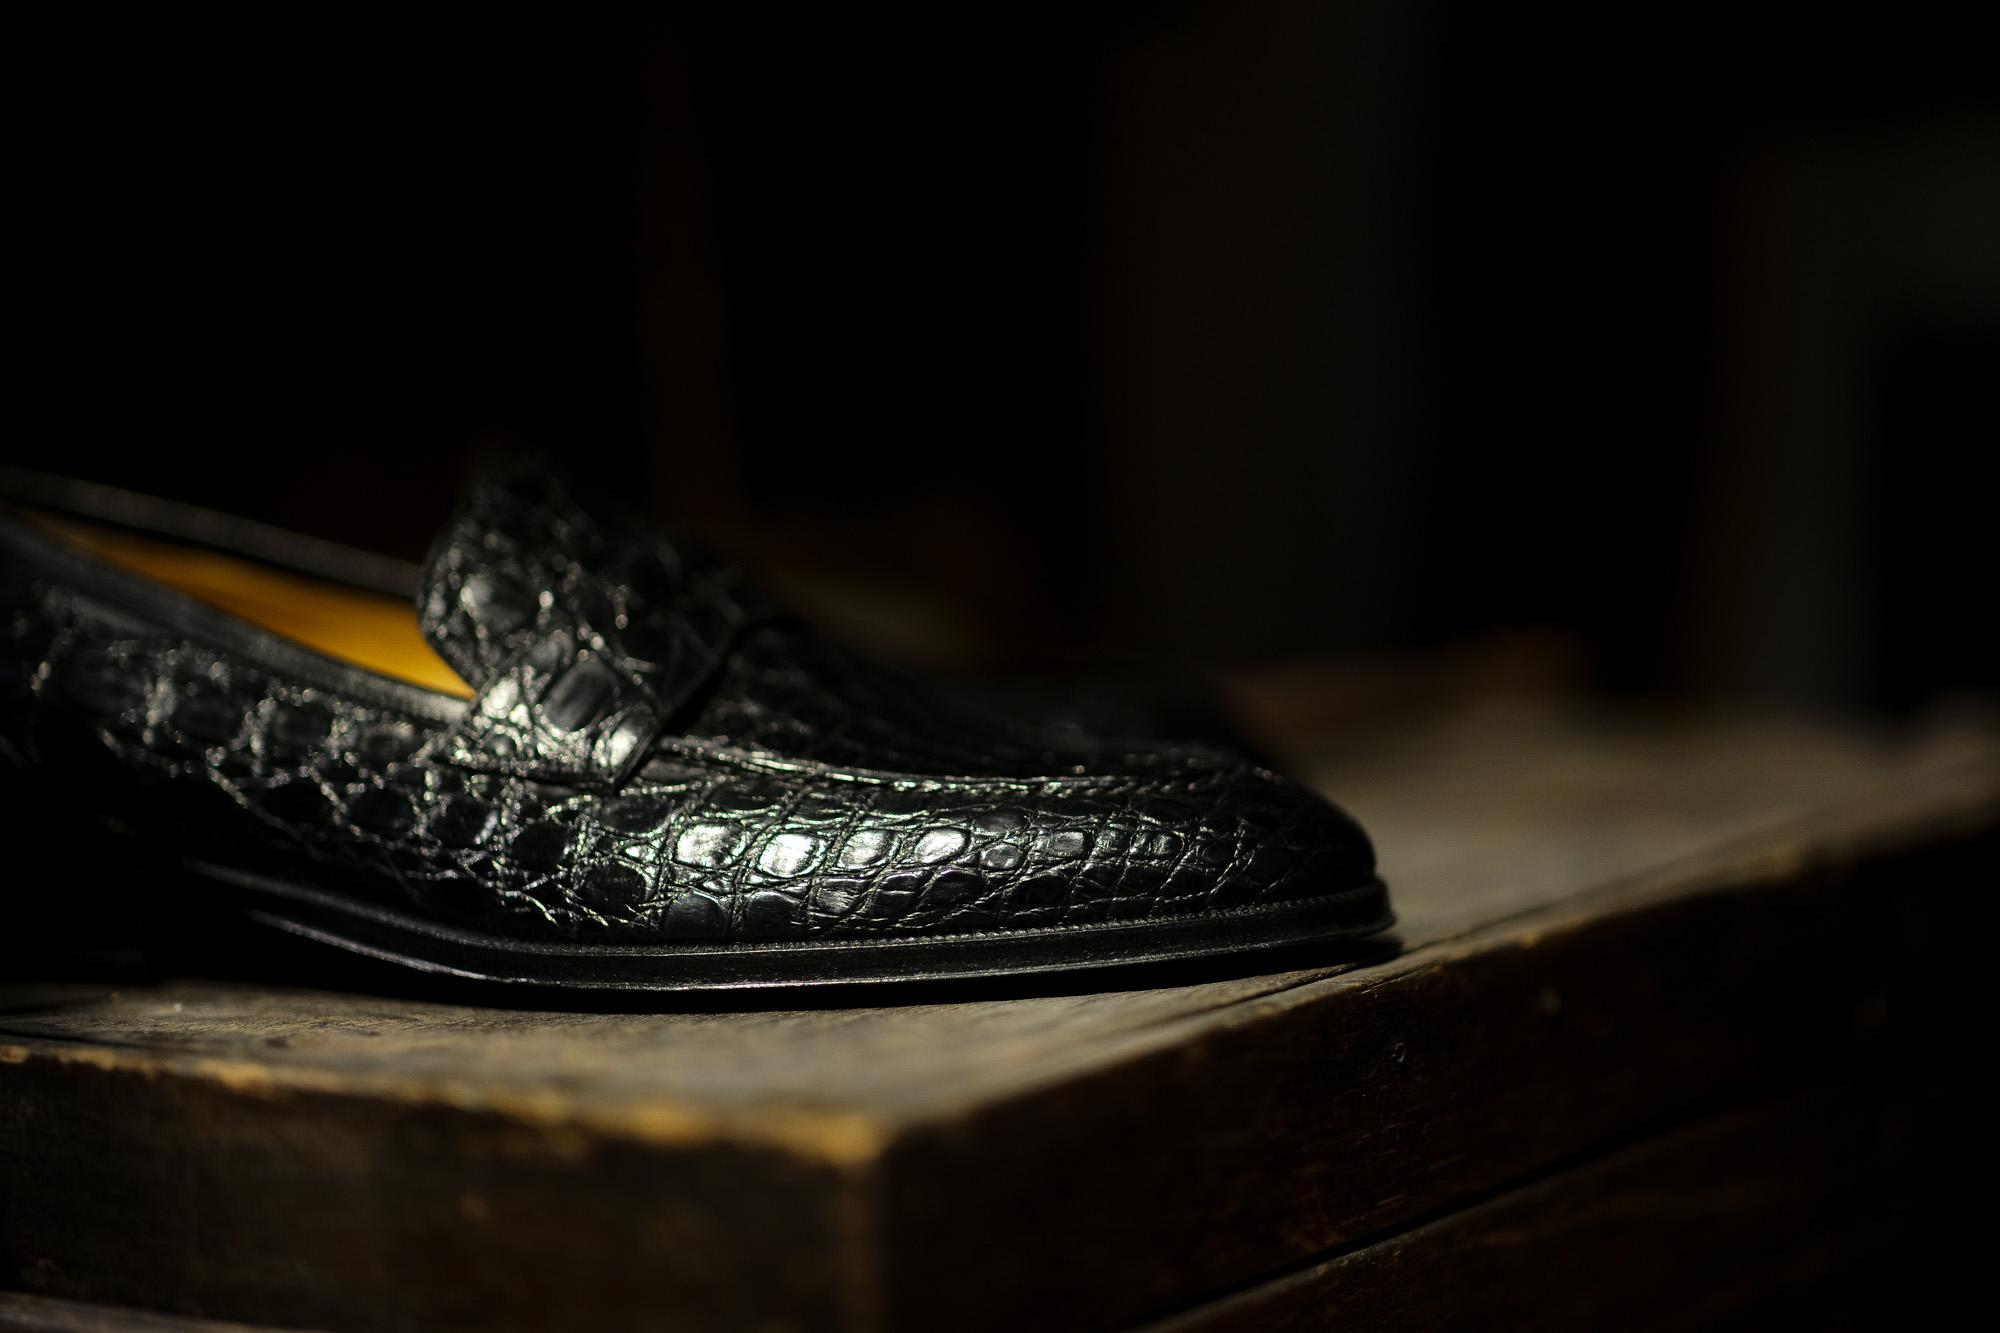 ENZO BONAFE (エンツォボナフェ) ART. EB-08 Crocodile Coin Loafer (クロコダイル コイン ローファー) Mat Crocodile Leather マット クロコダイル レザー ドレスシューズ ローファー NERO (ブラック) made in italy (イタリア製) 2020 春夏新作 愛知 名古屋 enzobonafe エンツォボナフェ eb08